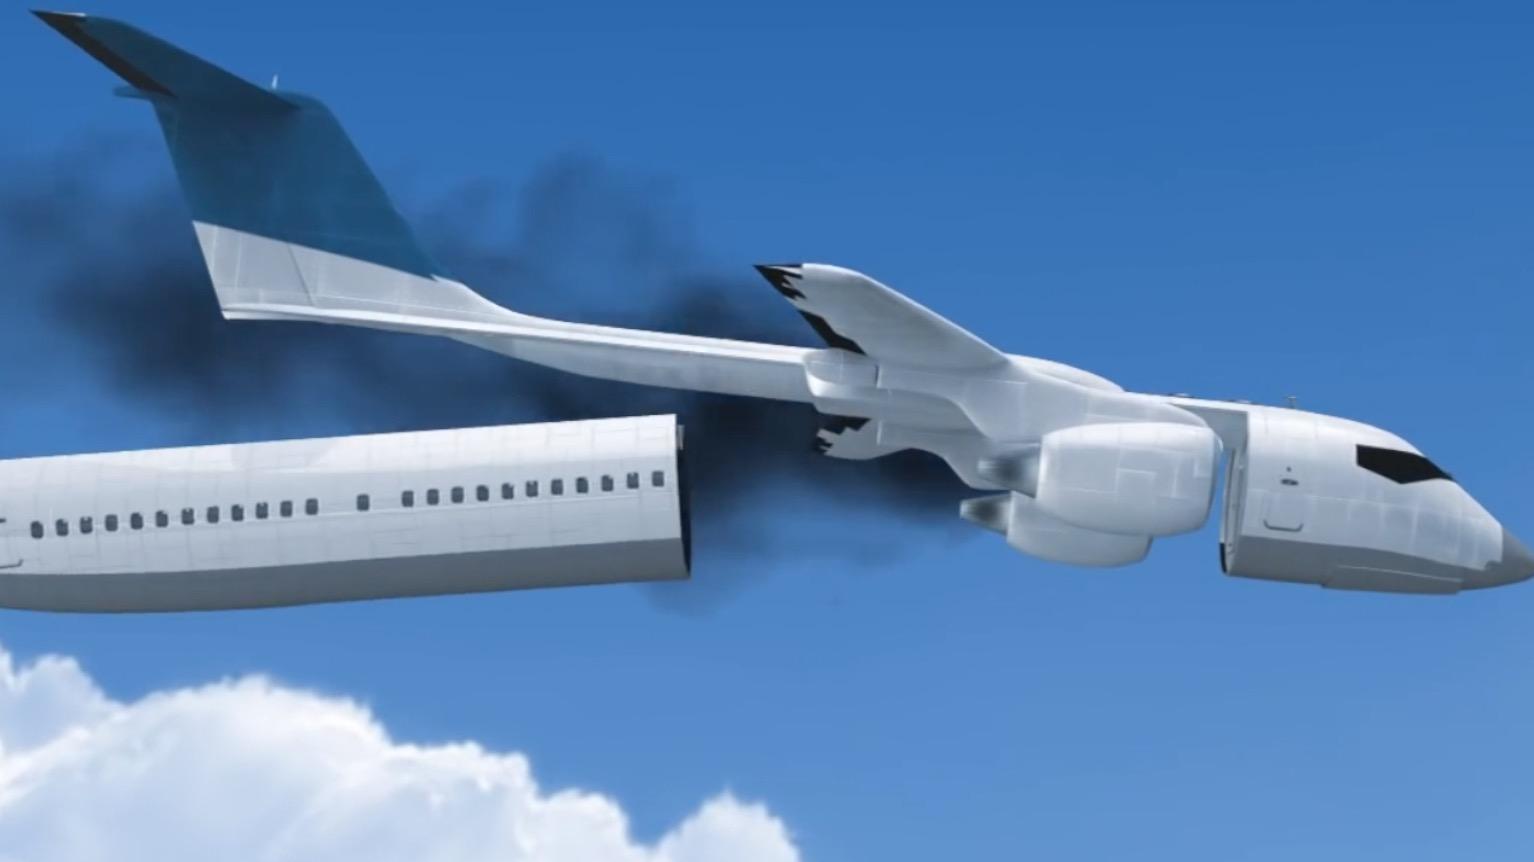 非常時に客室を切り離す、安心設計の飛行機がスゴい!